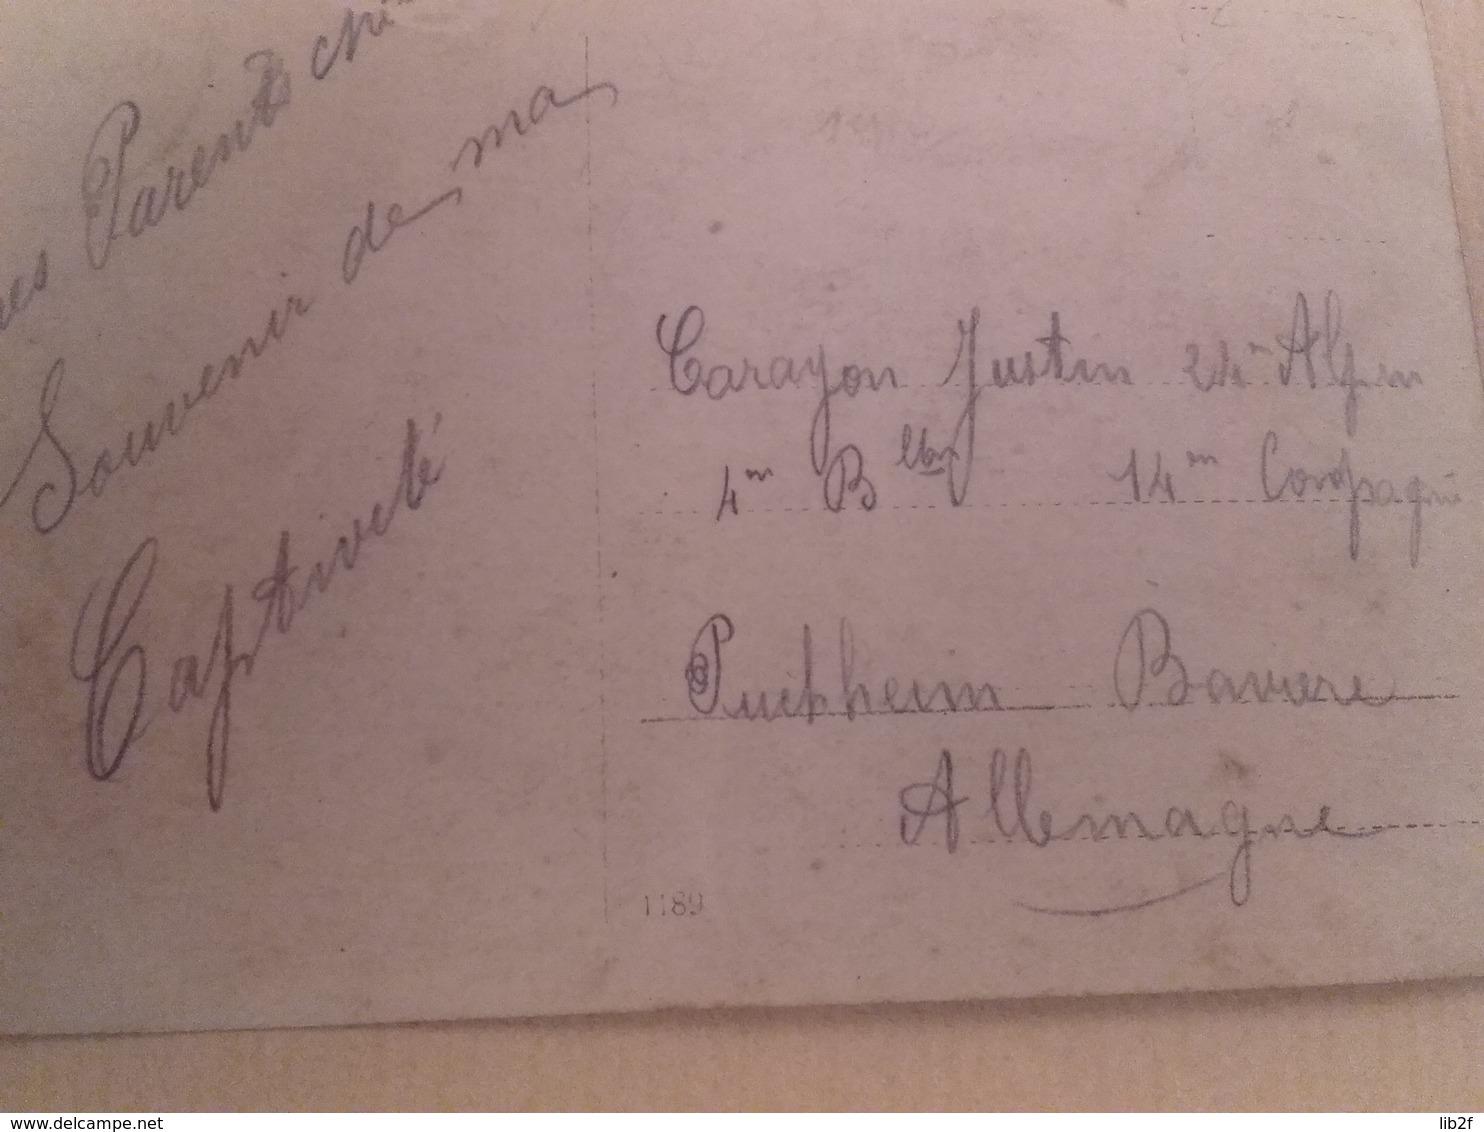 1914 1916 Villefranche Puchheim 24 Eme BCA Bataillon De Chasseurs Alpins Prisonnier Guerre Pg  Poilus 1914 1918 1cph - War, Military